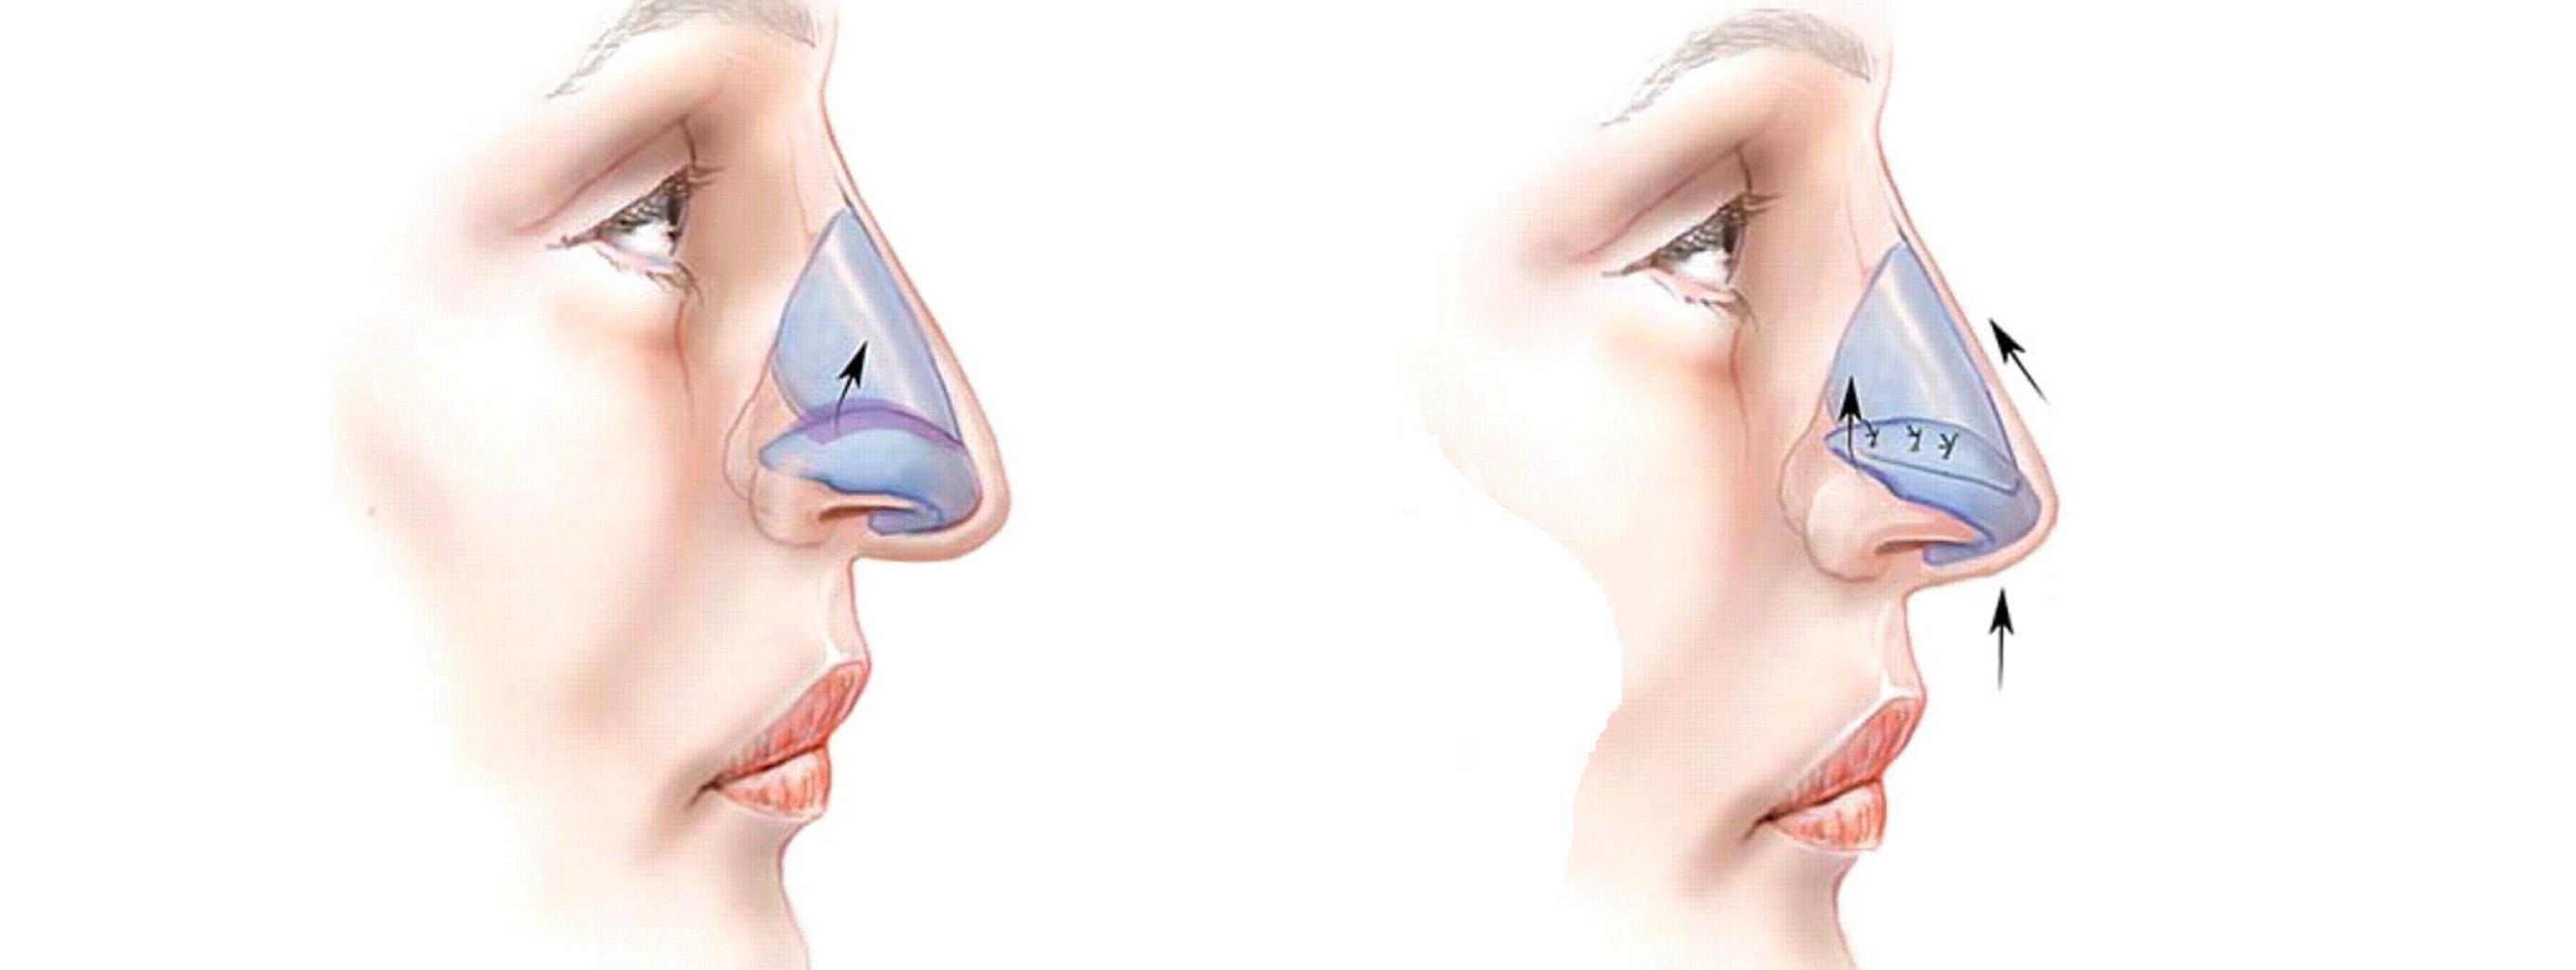 От чего болит нос сверху. почему болит нос